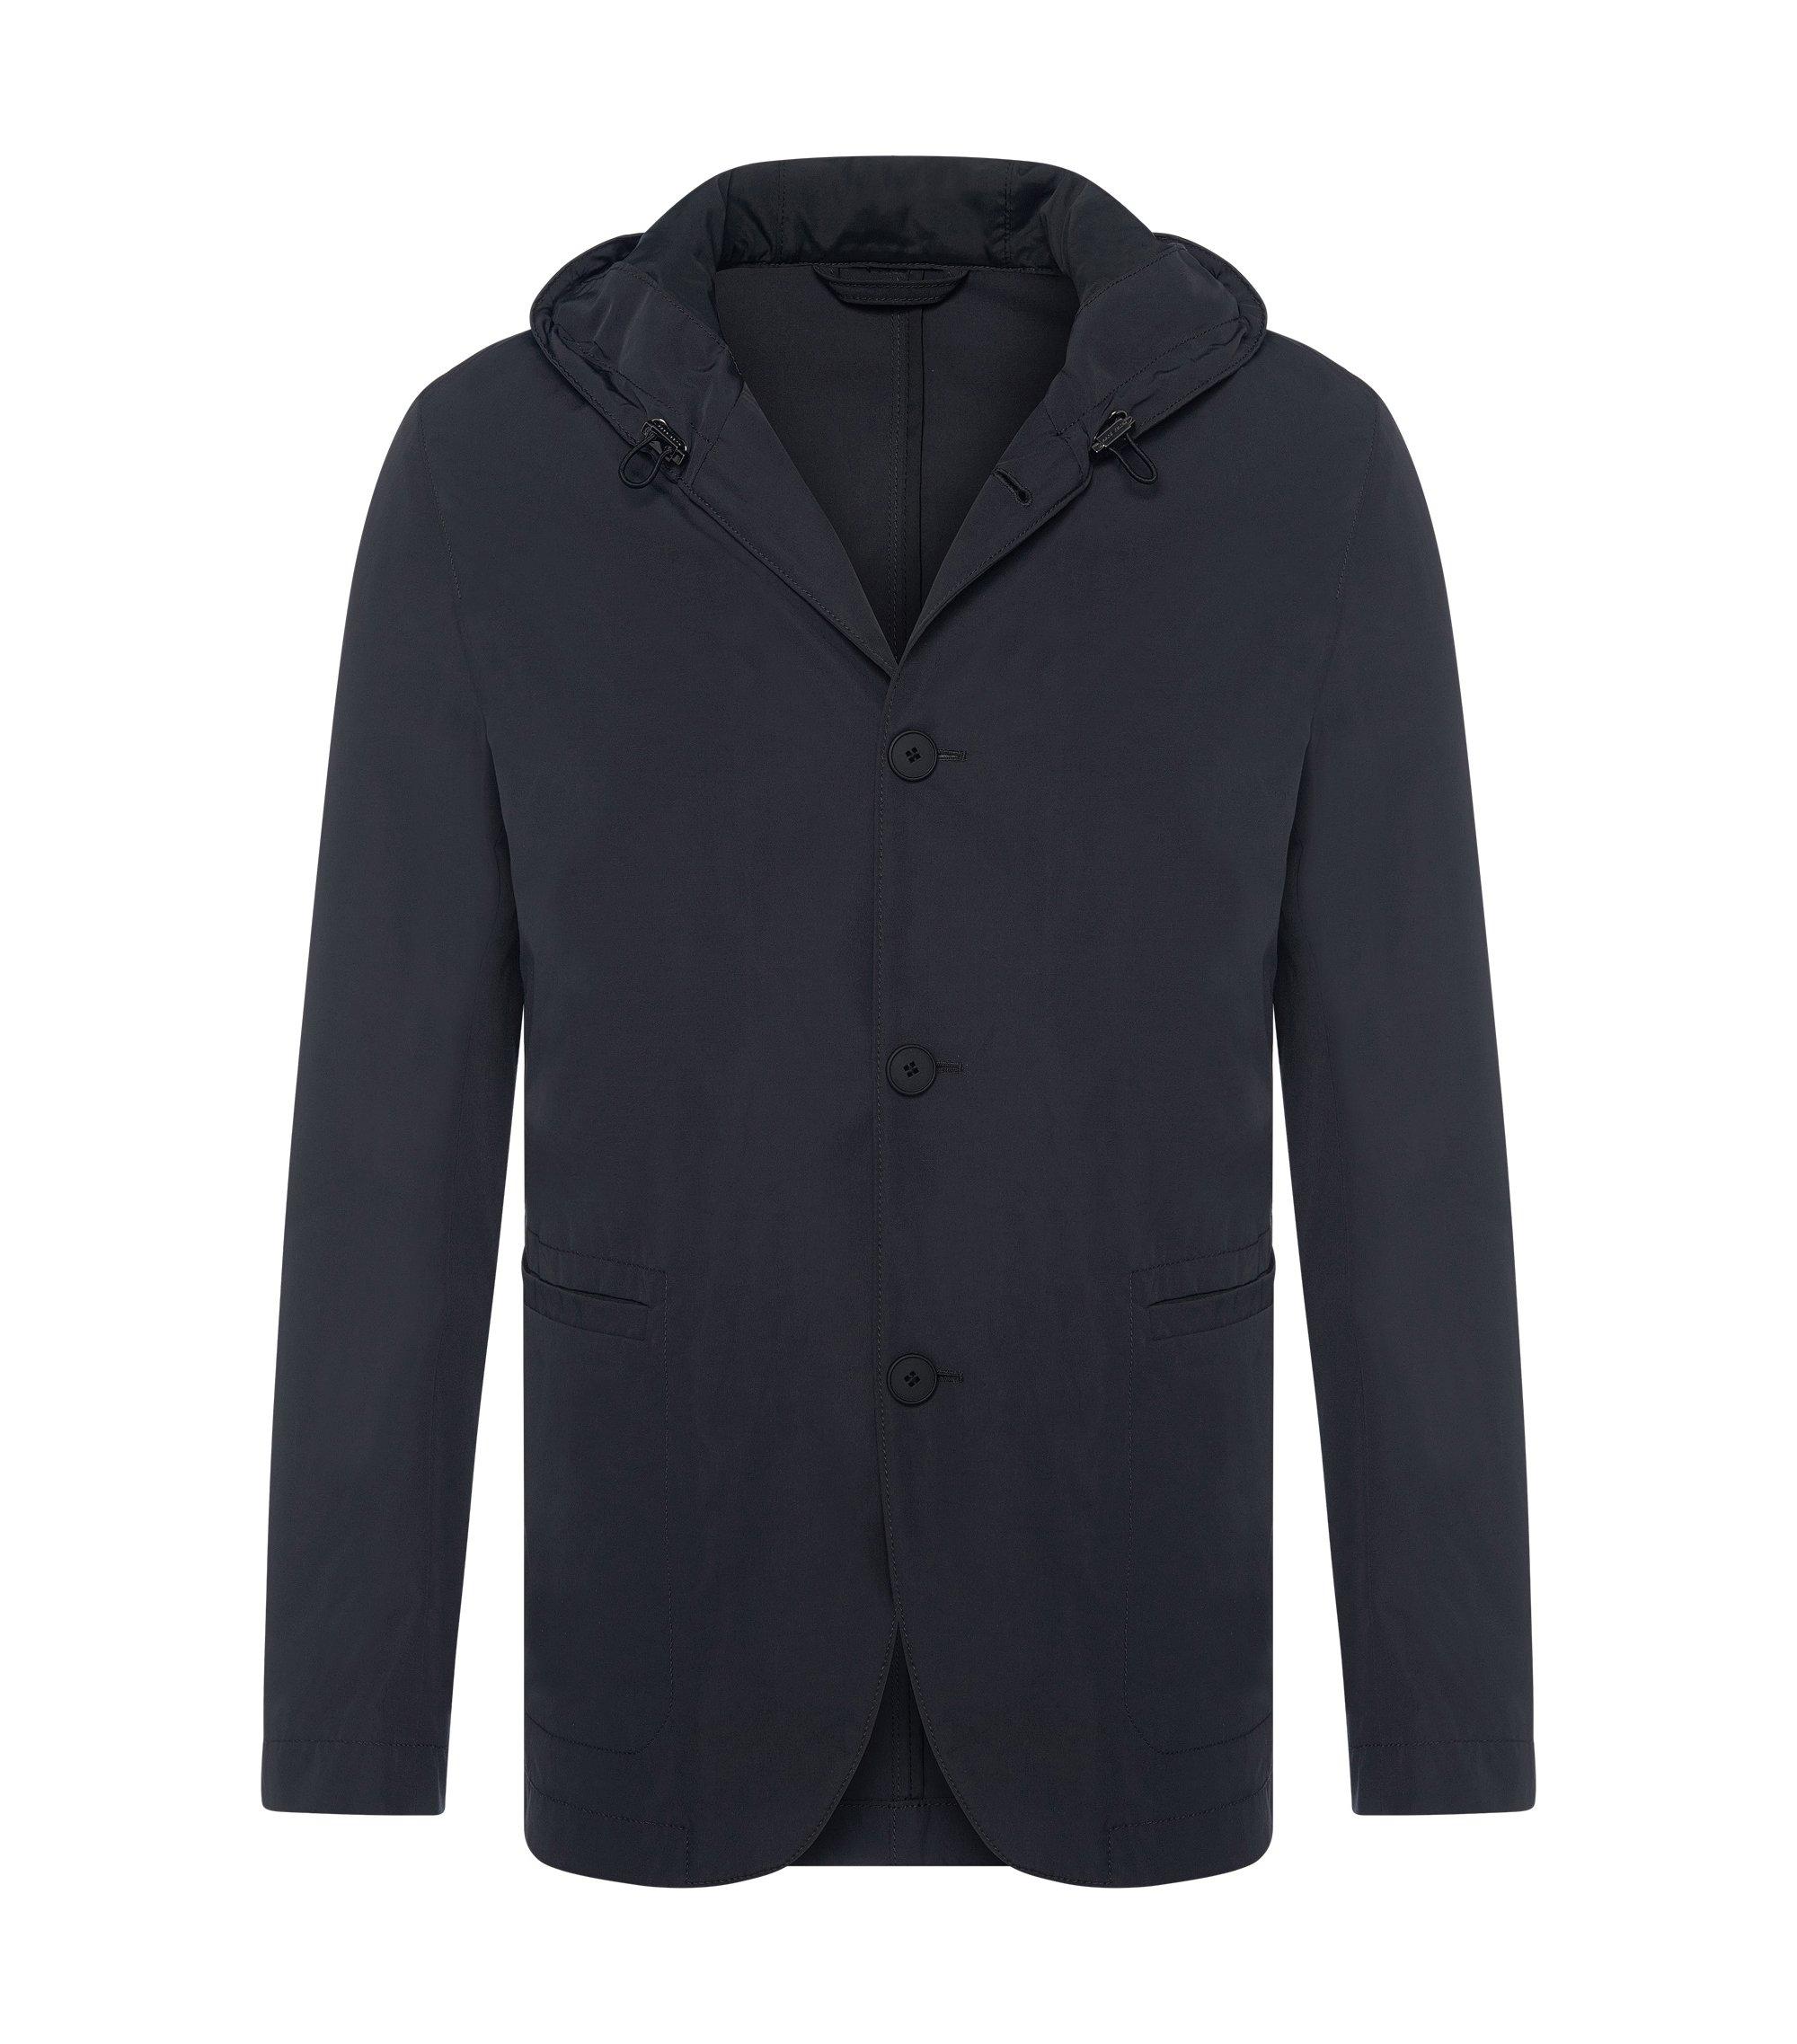 Cotton Blend Hooded Jacket | Josse W, Dark Grey